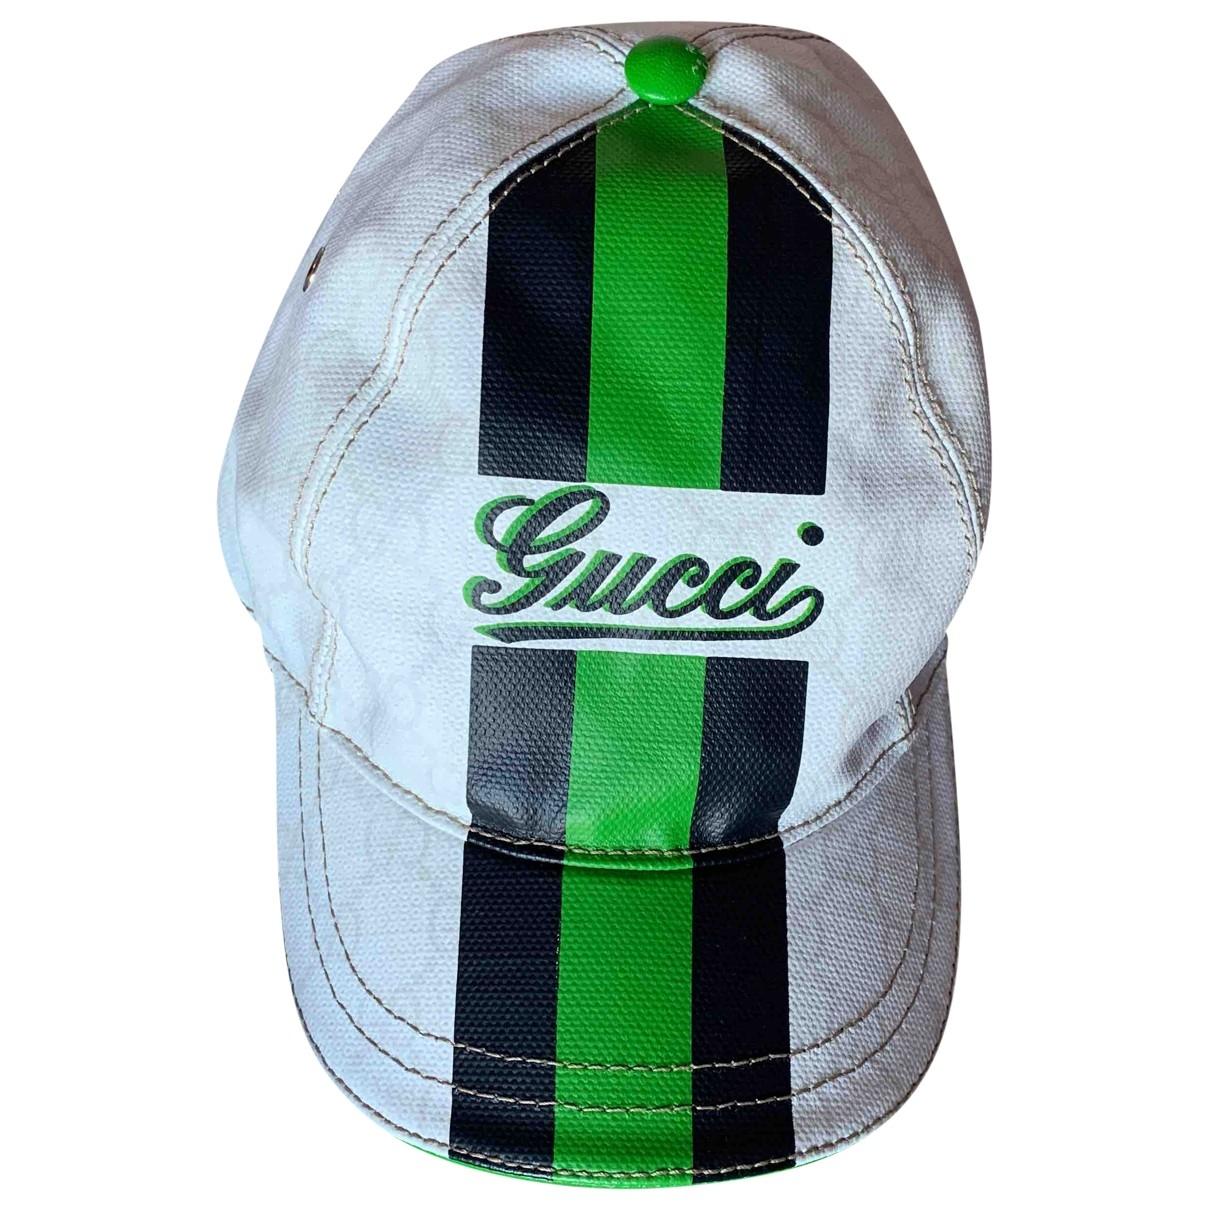 Sombrero. Gorro. Guante en Lona Blanco Gucci